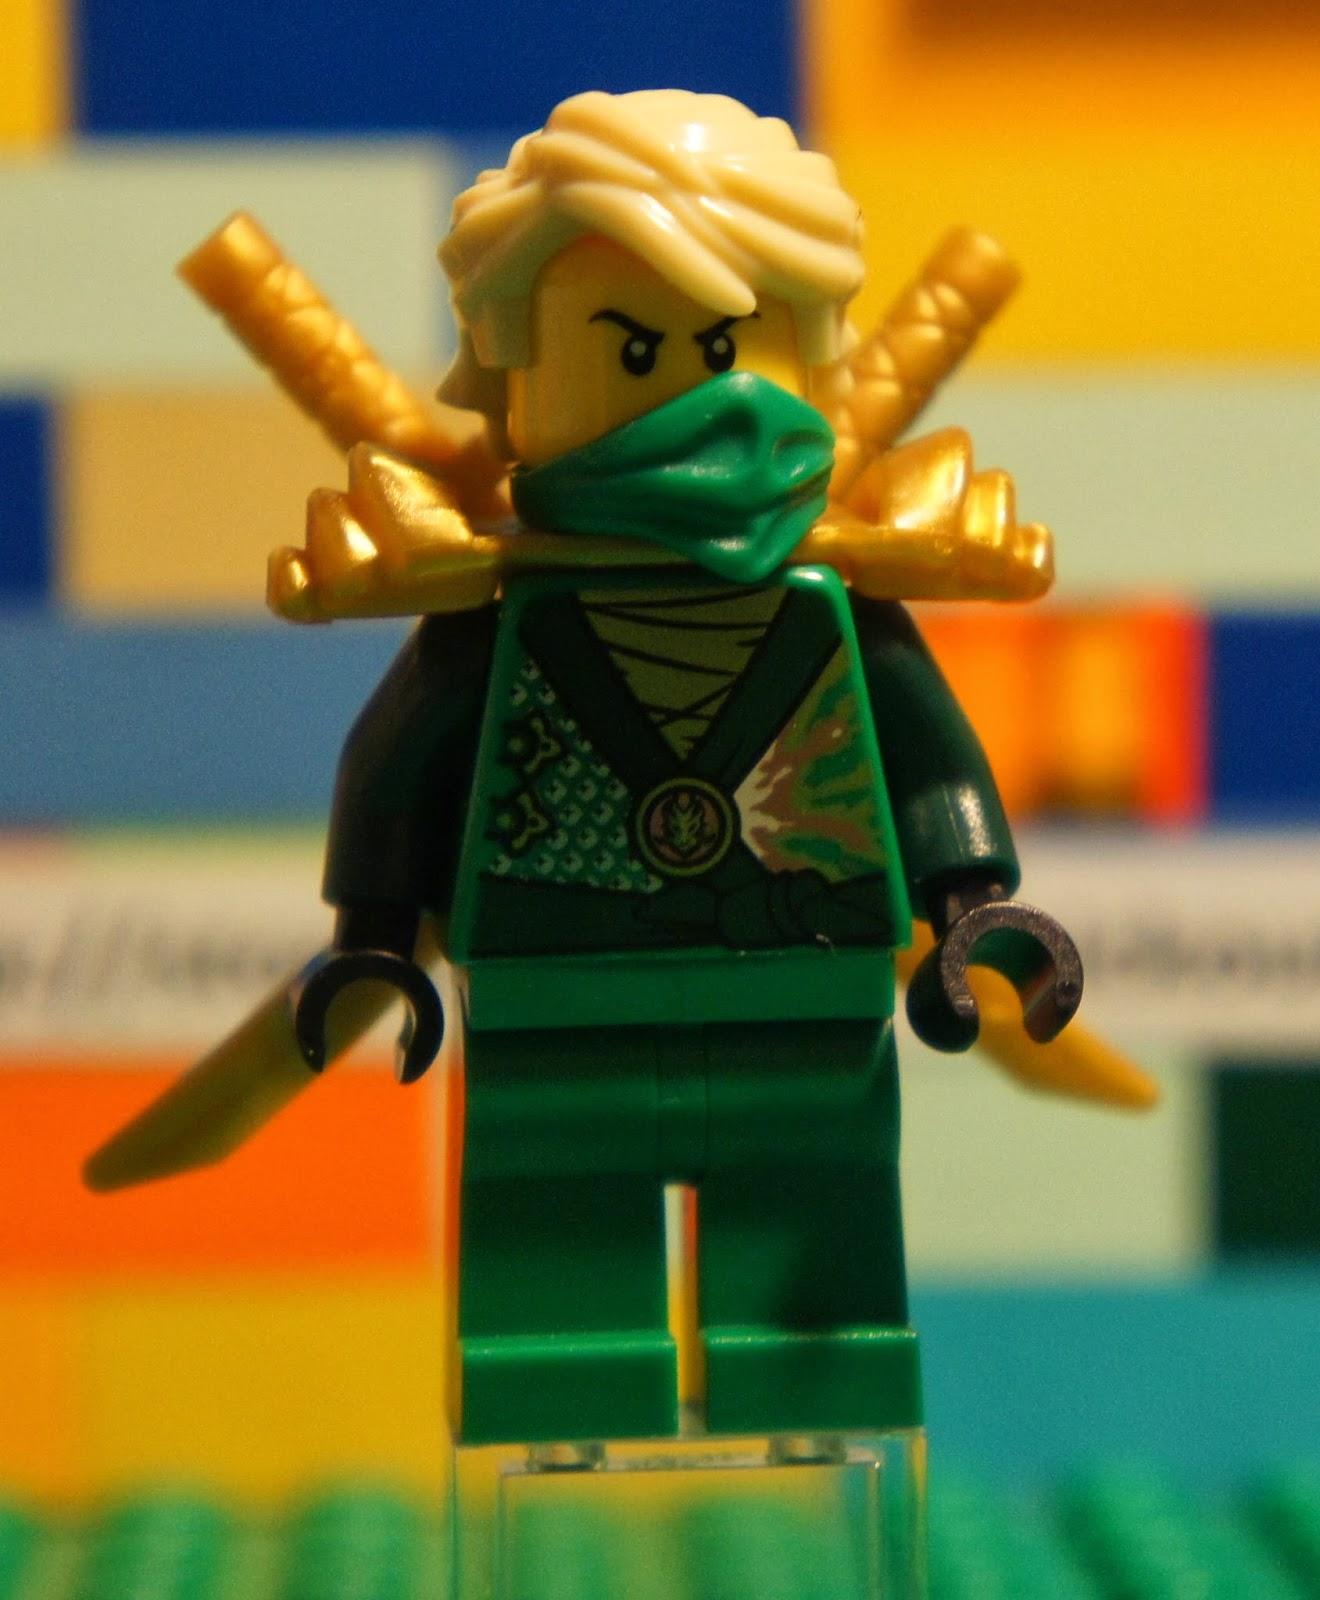 lego ninjago lloyd - photo #25